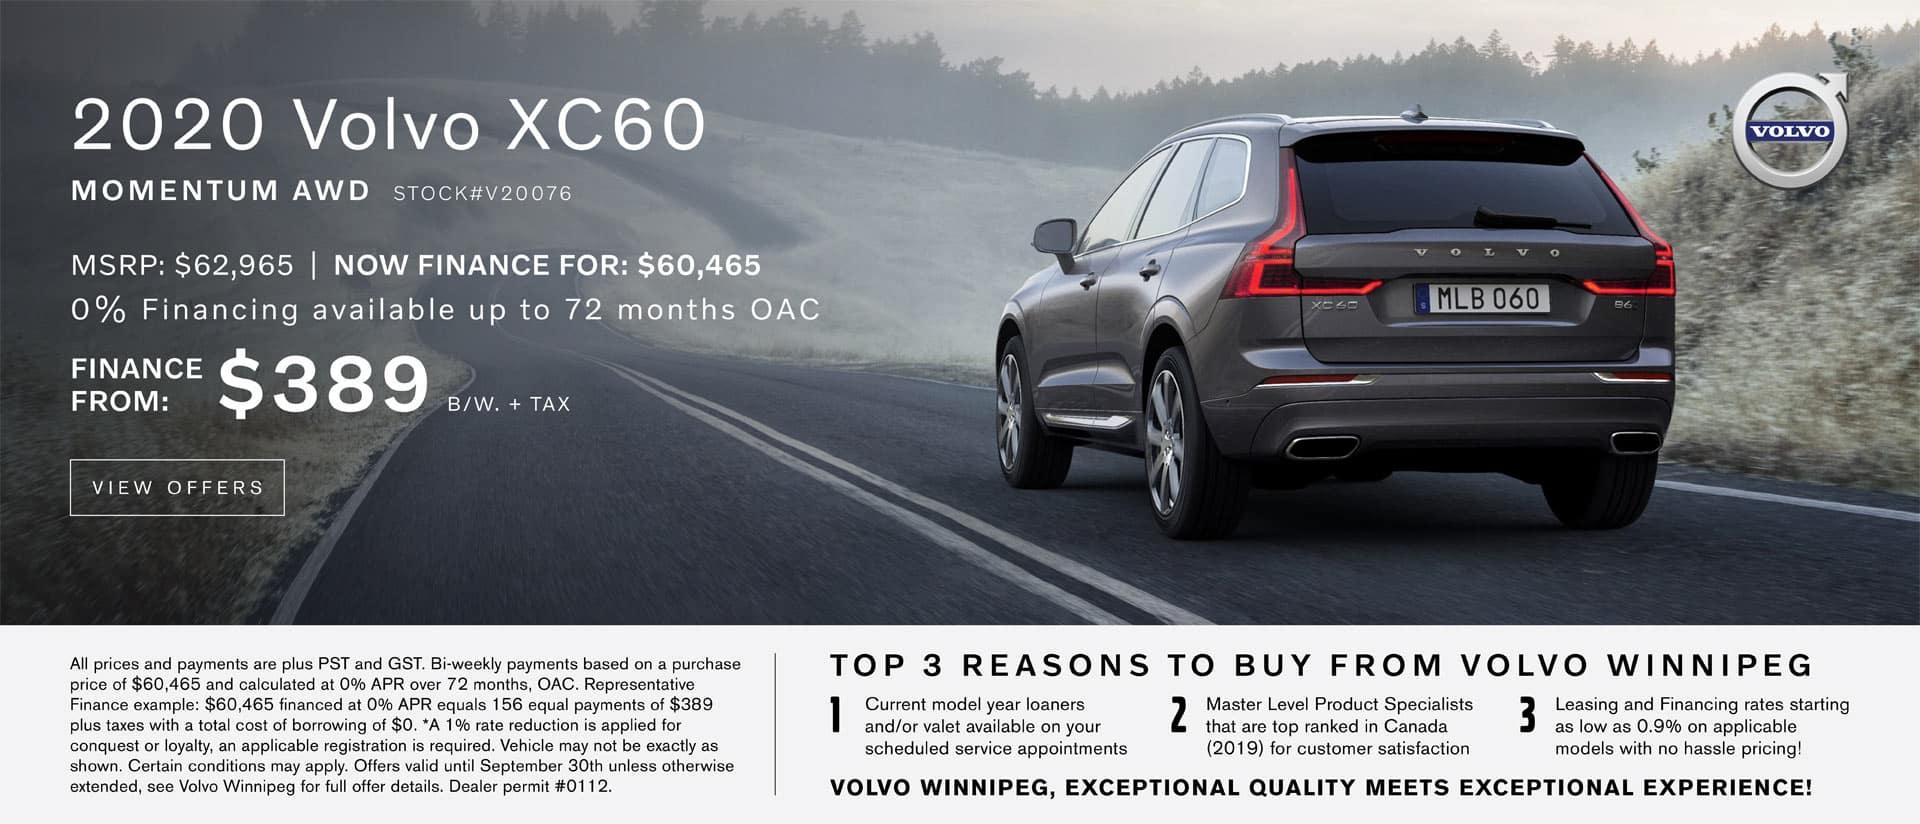 Volvo Winnipeg XC60